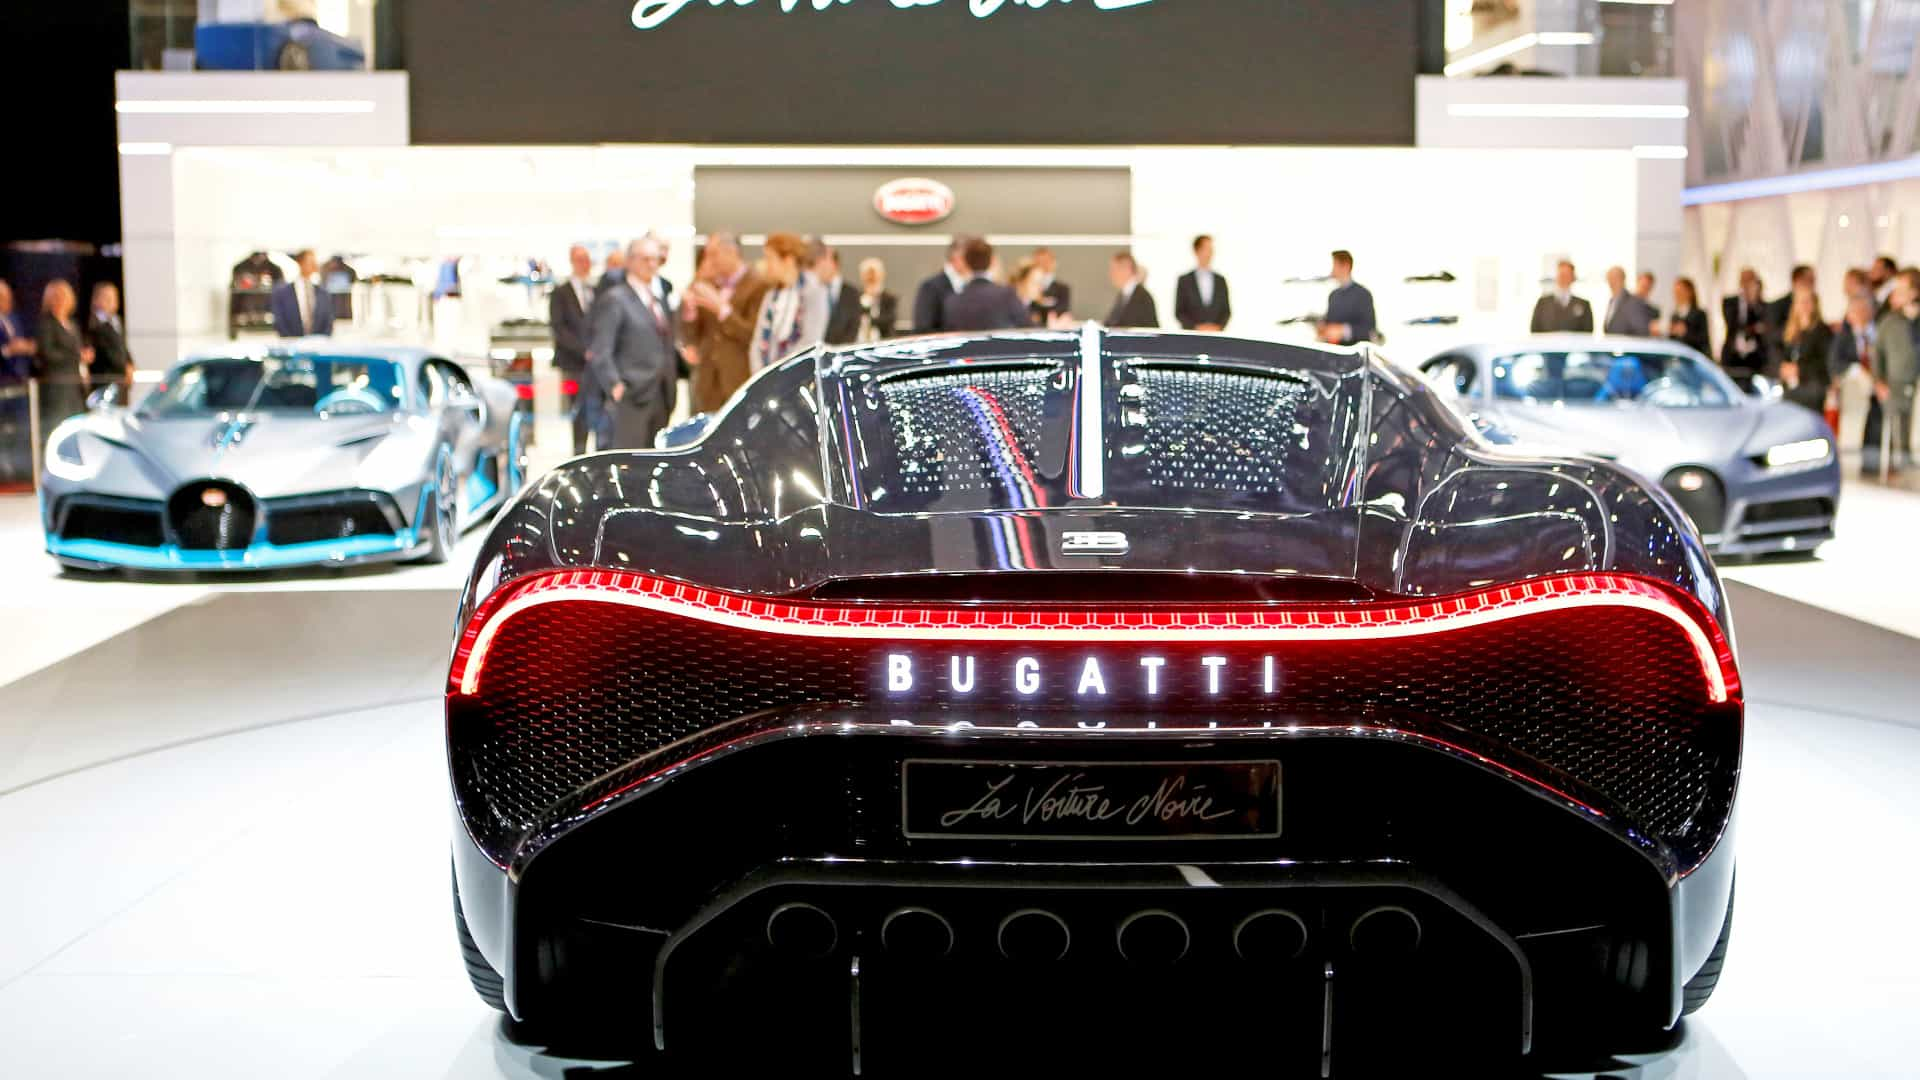 Bugatti e Rolls-Royce lideram lista de carros mais caros